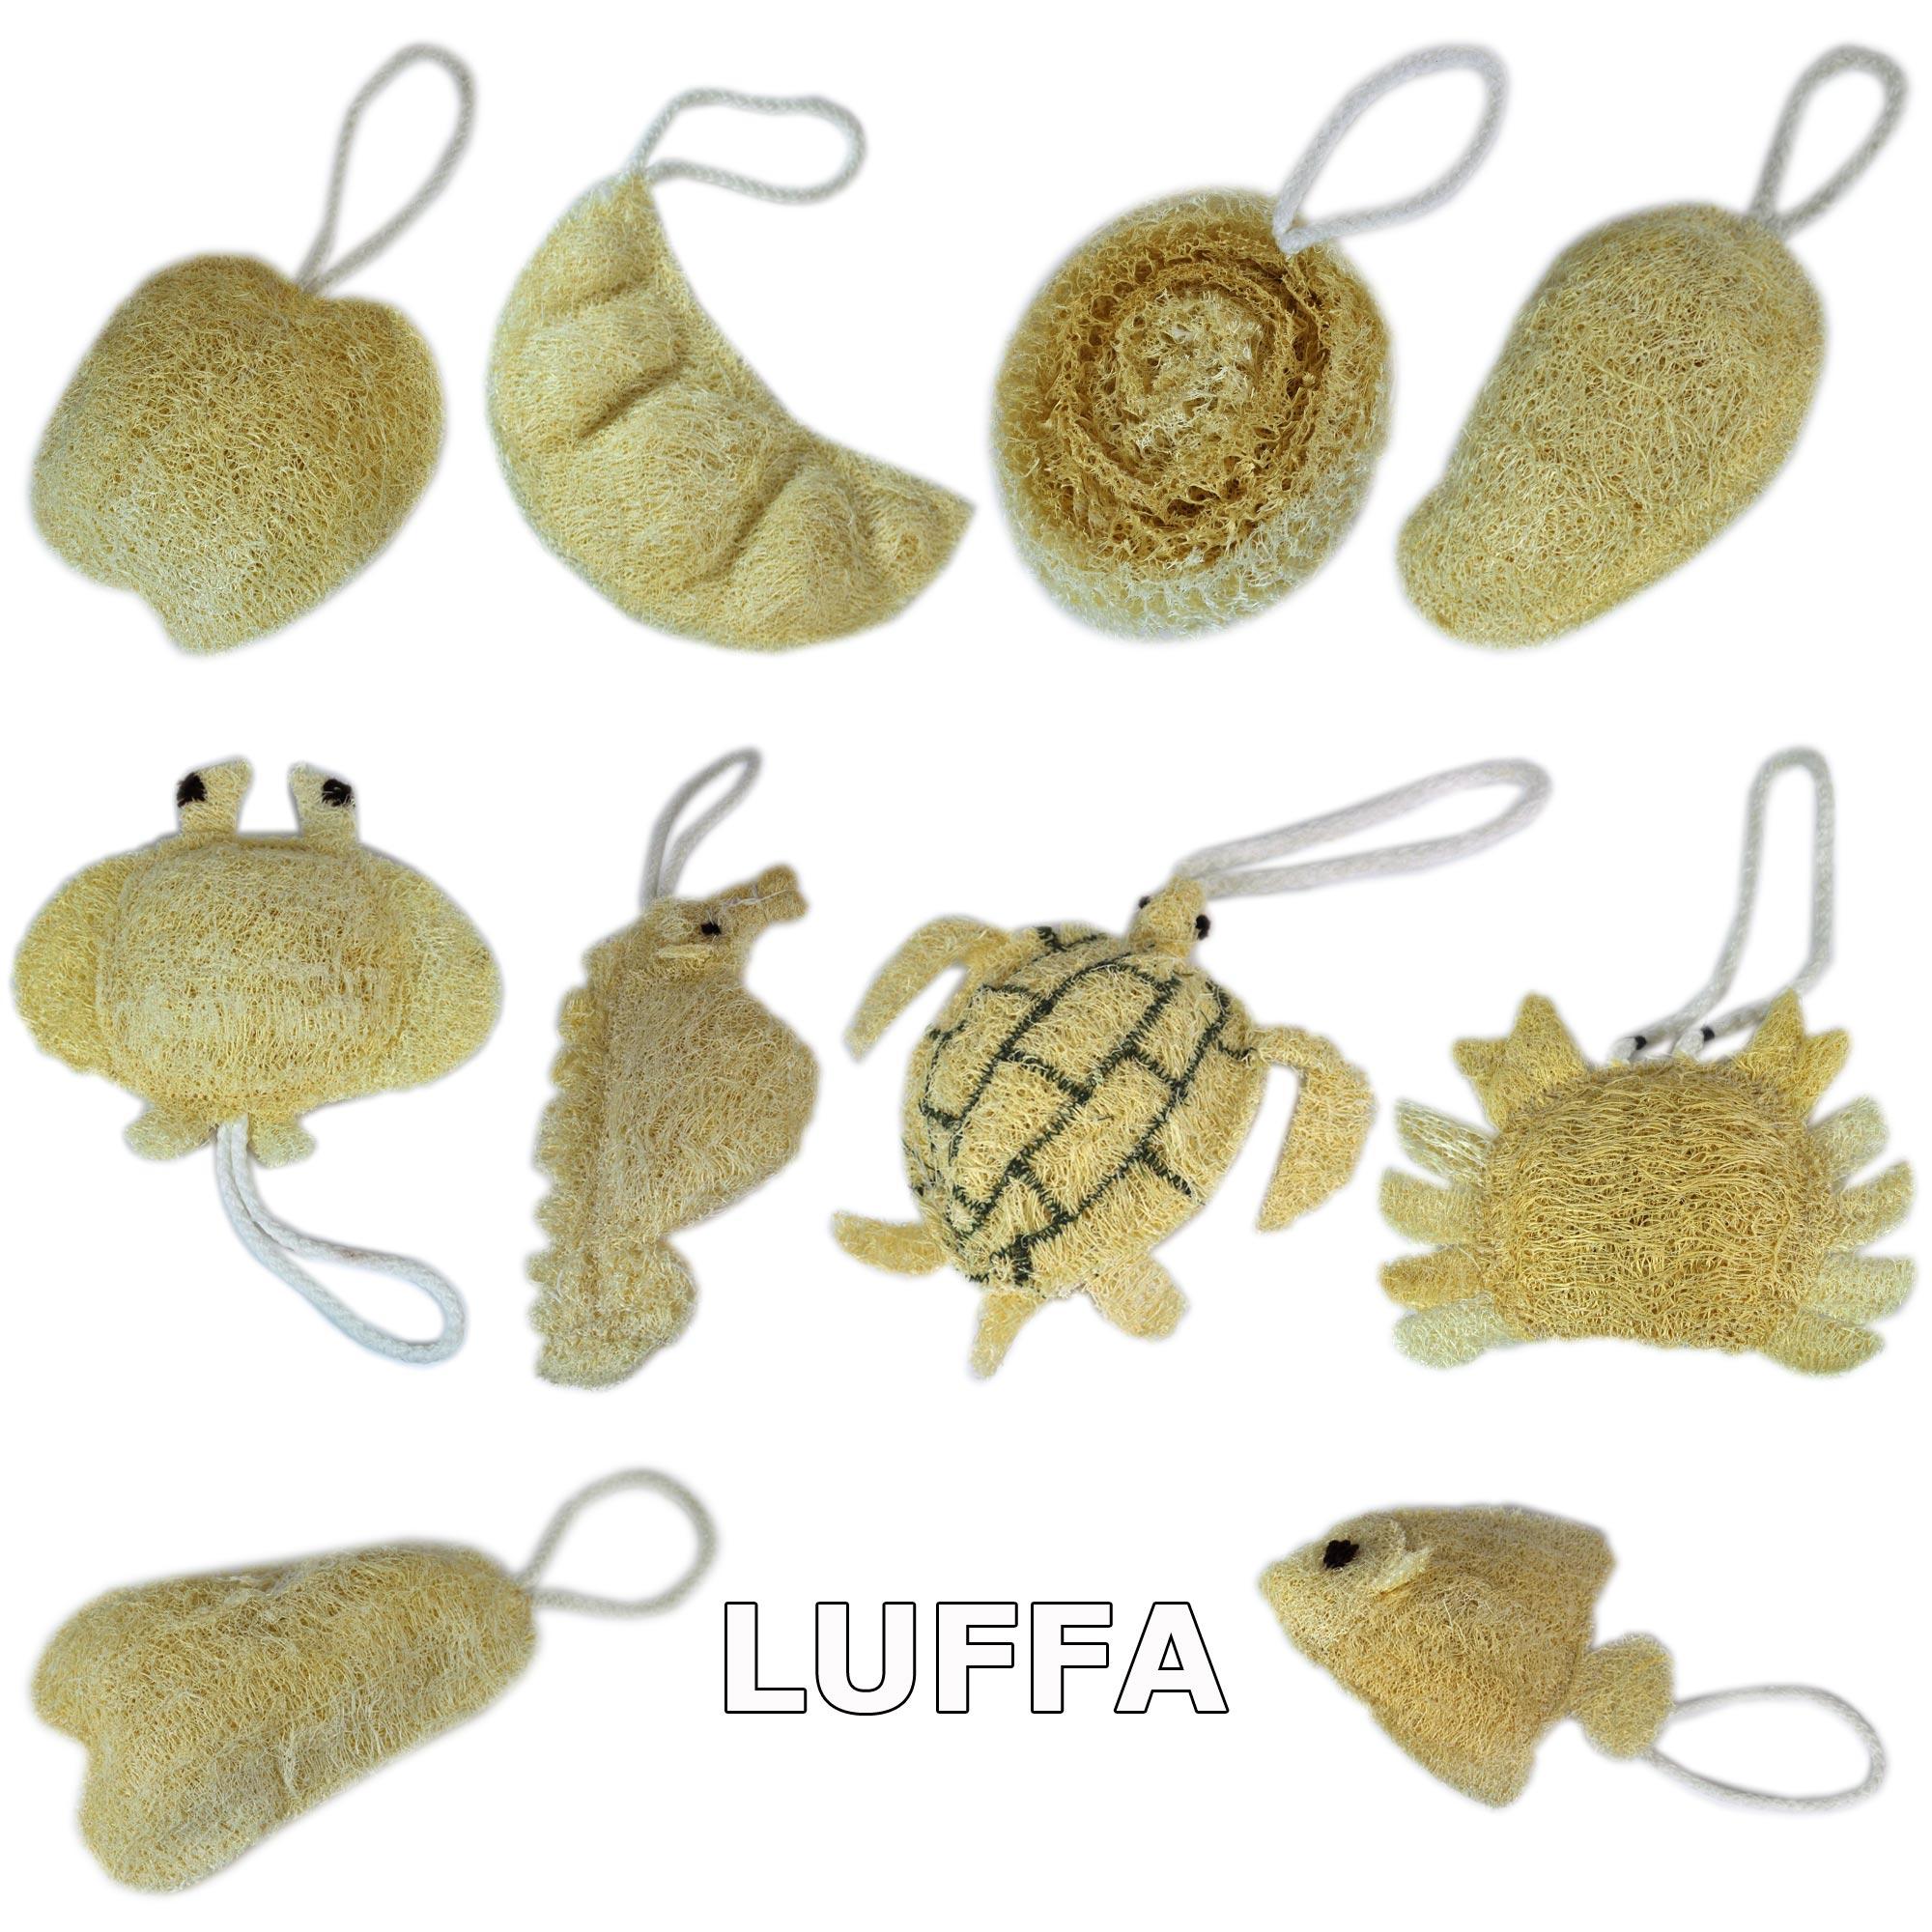 Luffa-Produkte